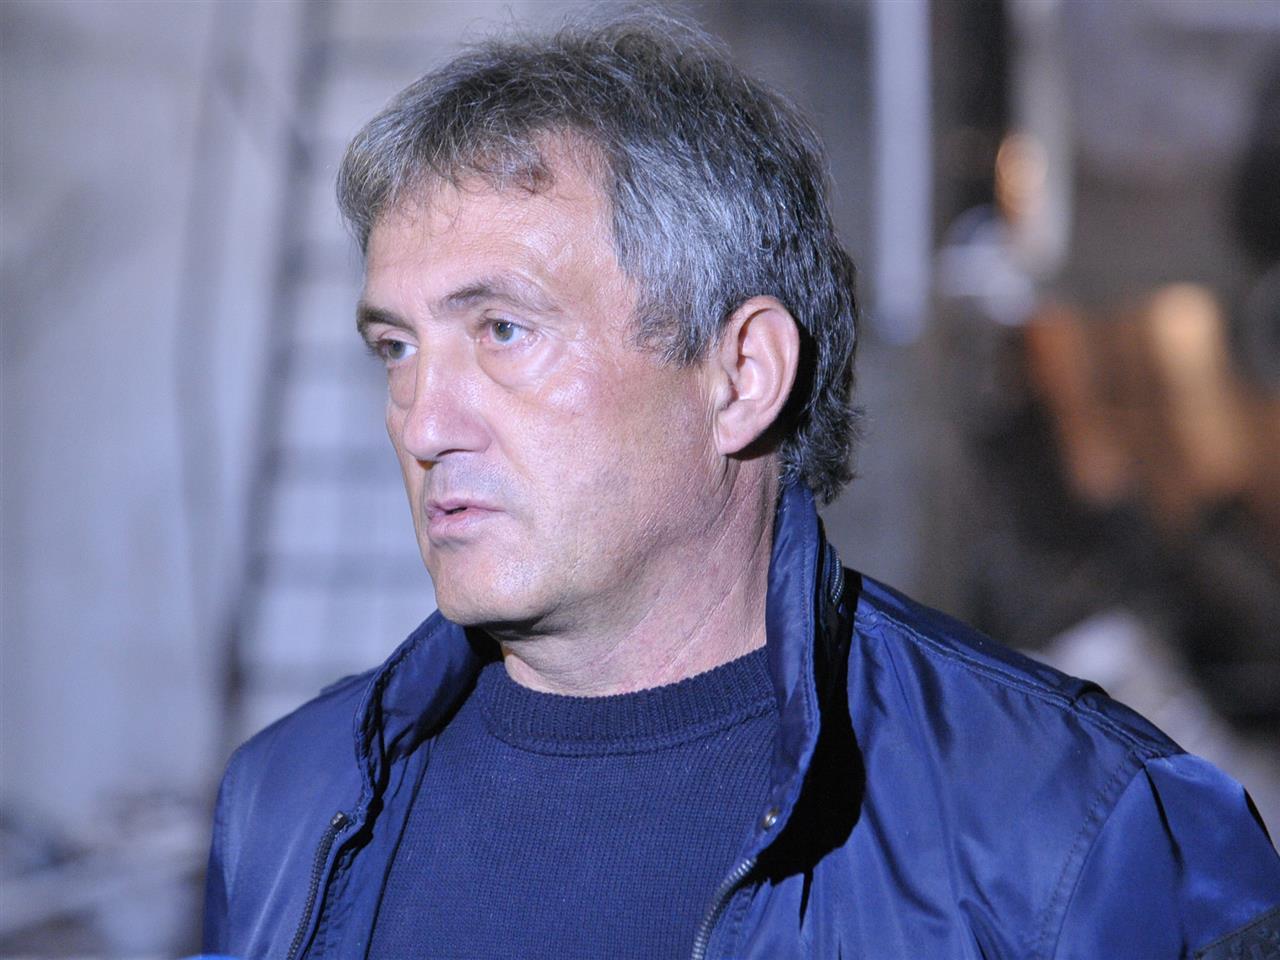 Из офиса «ВТС-Метро» в Самаре украли более 2,5 миллионов рублей